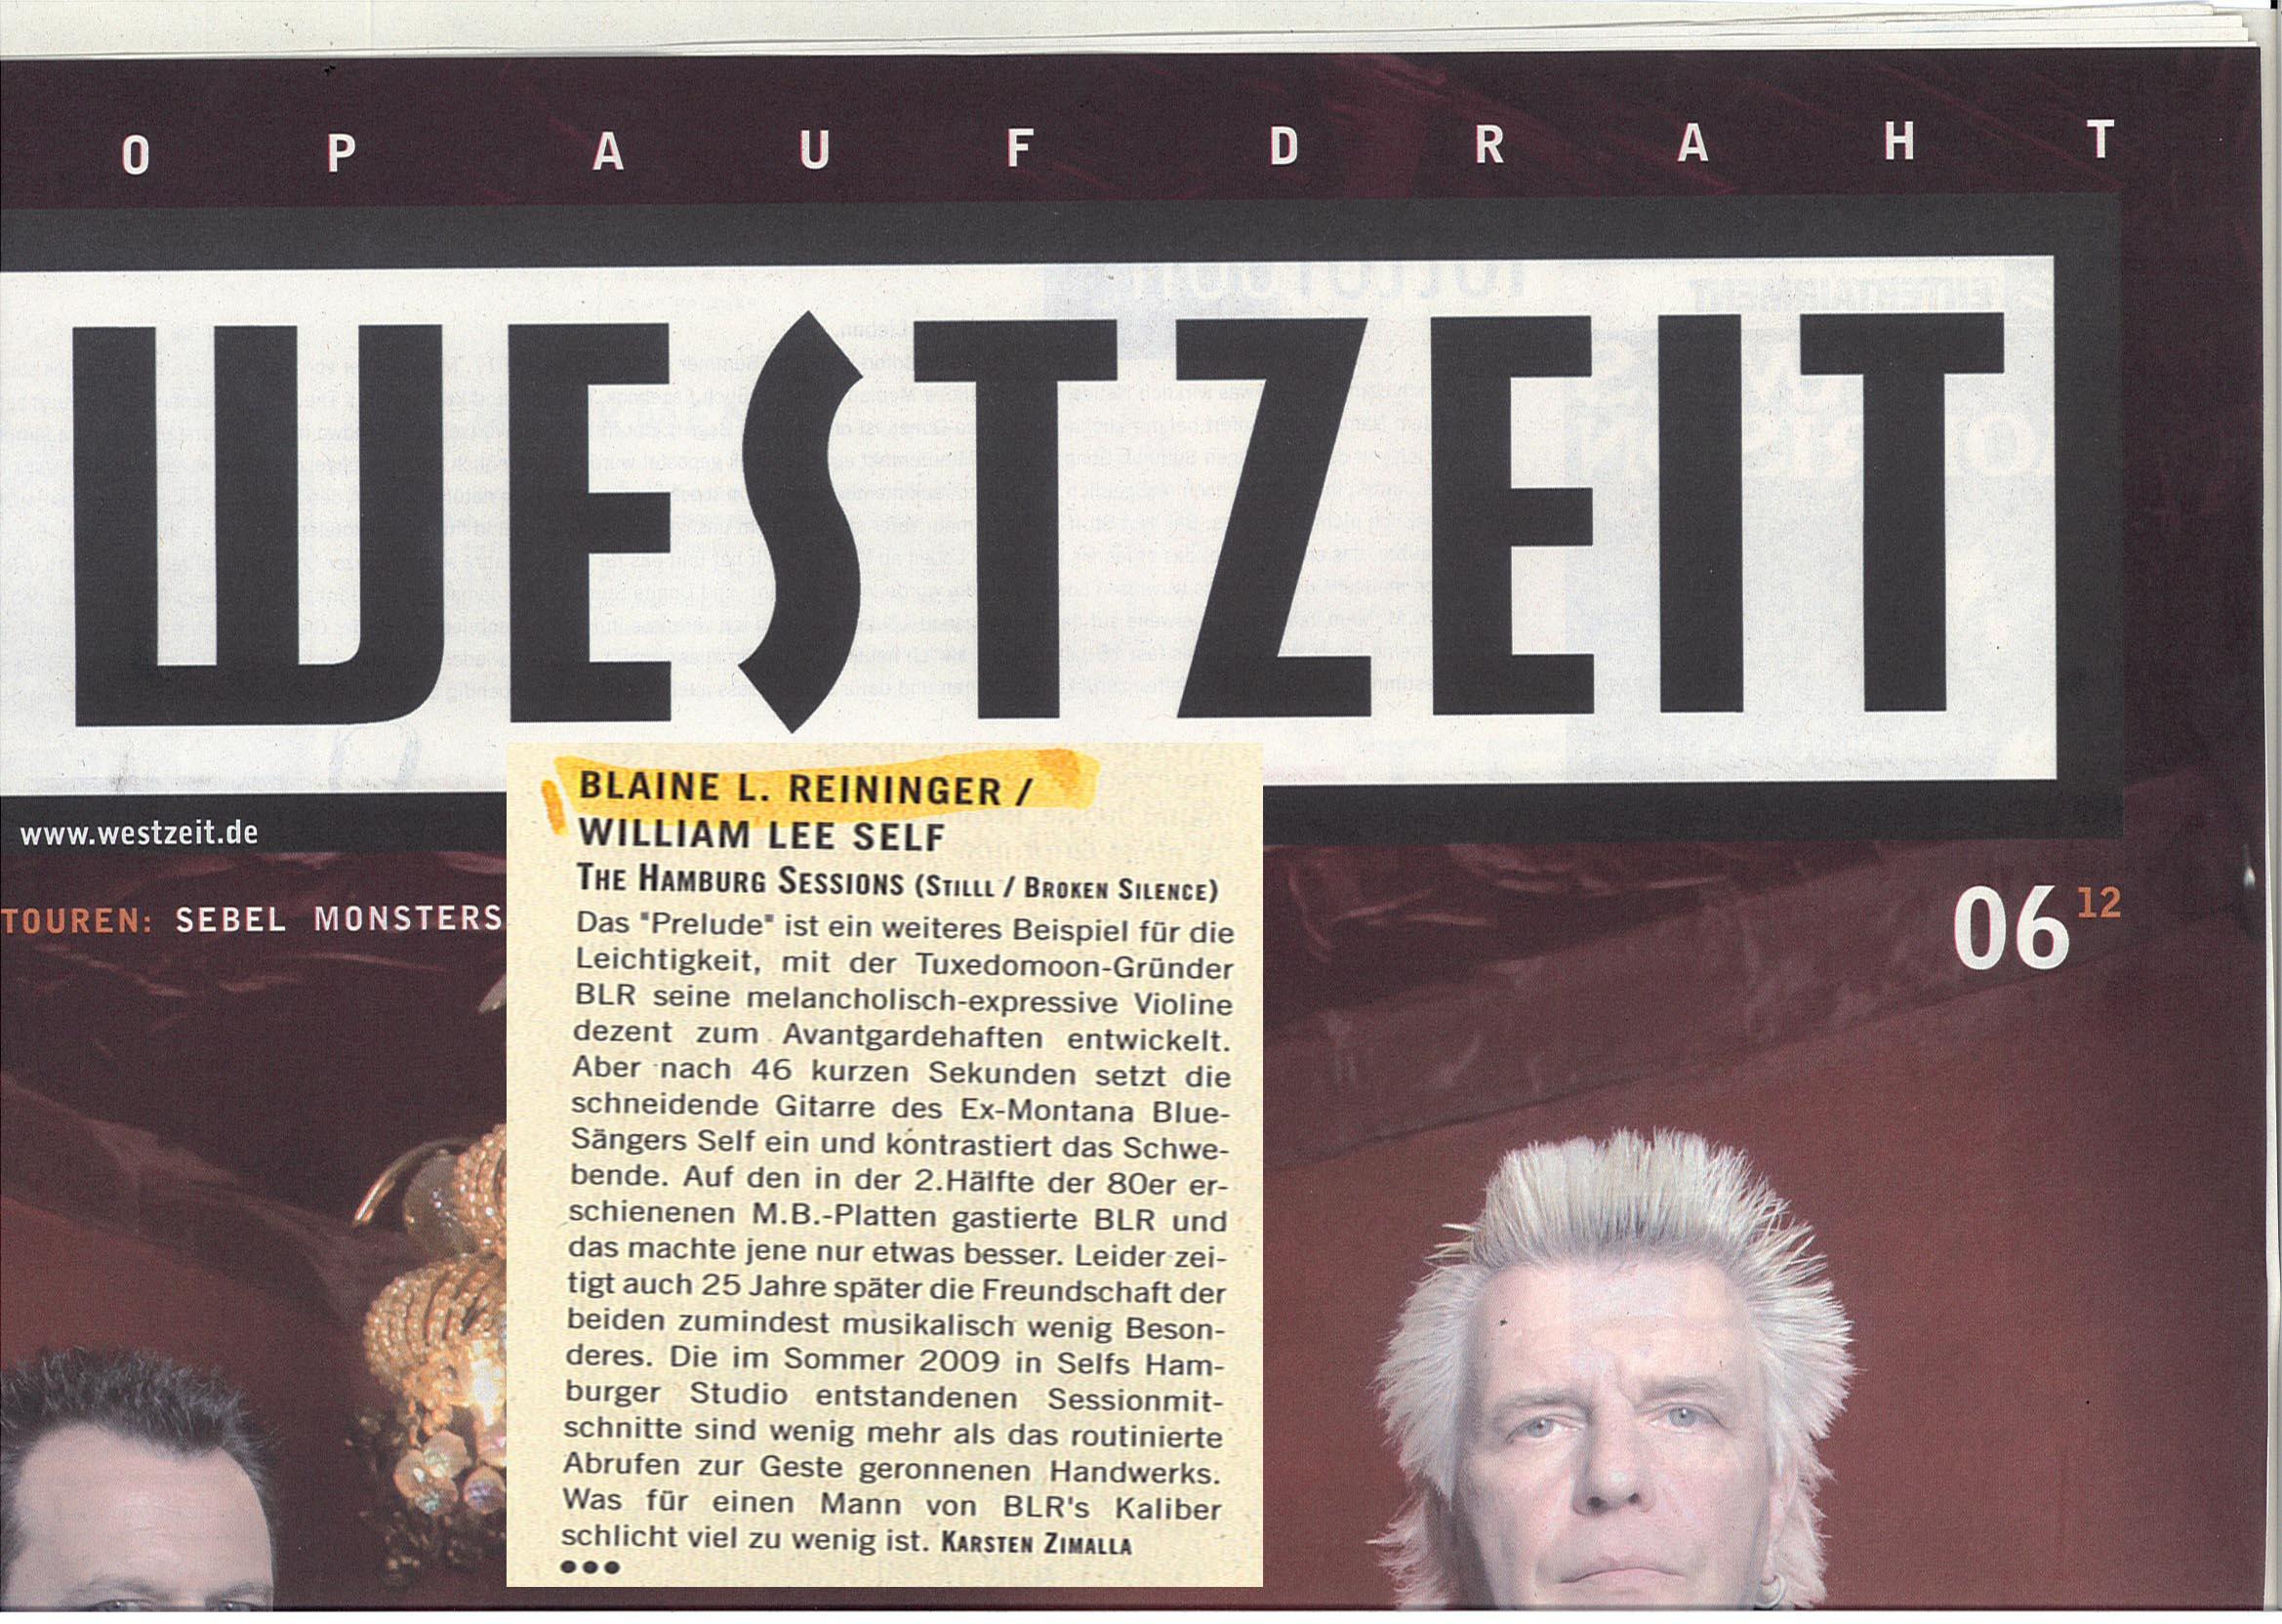 westzeit_06.12 - Blaine L. Reininger